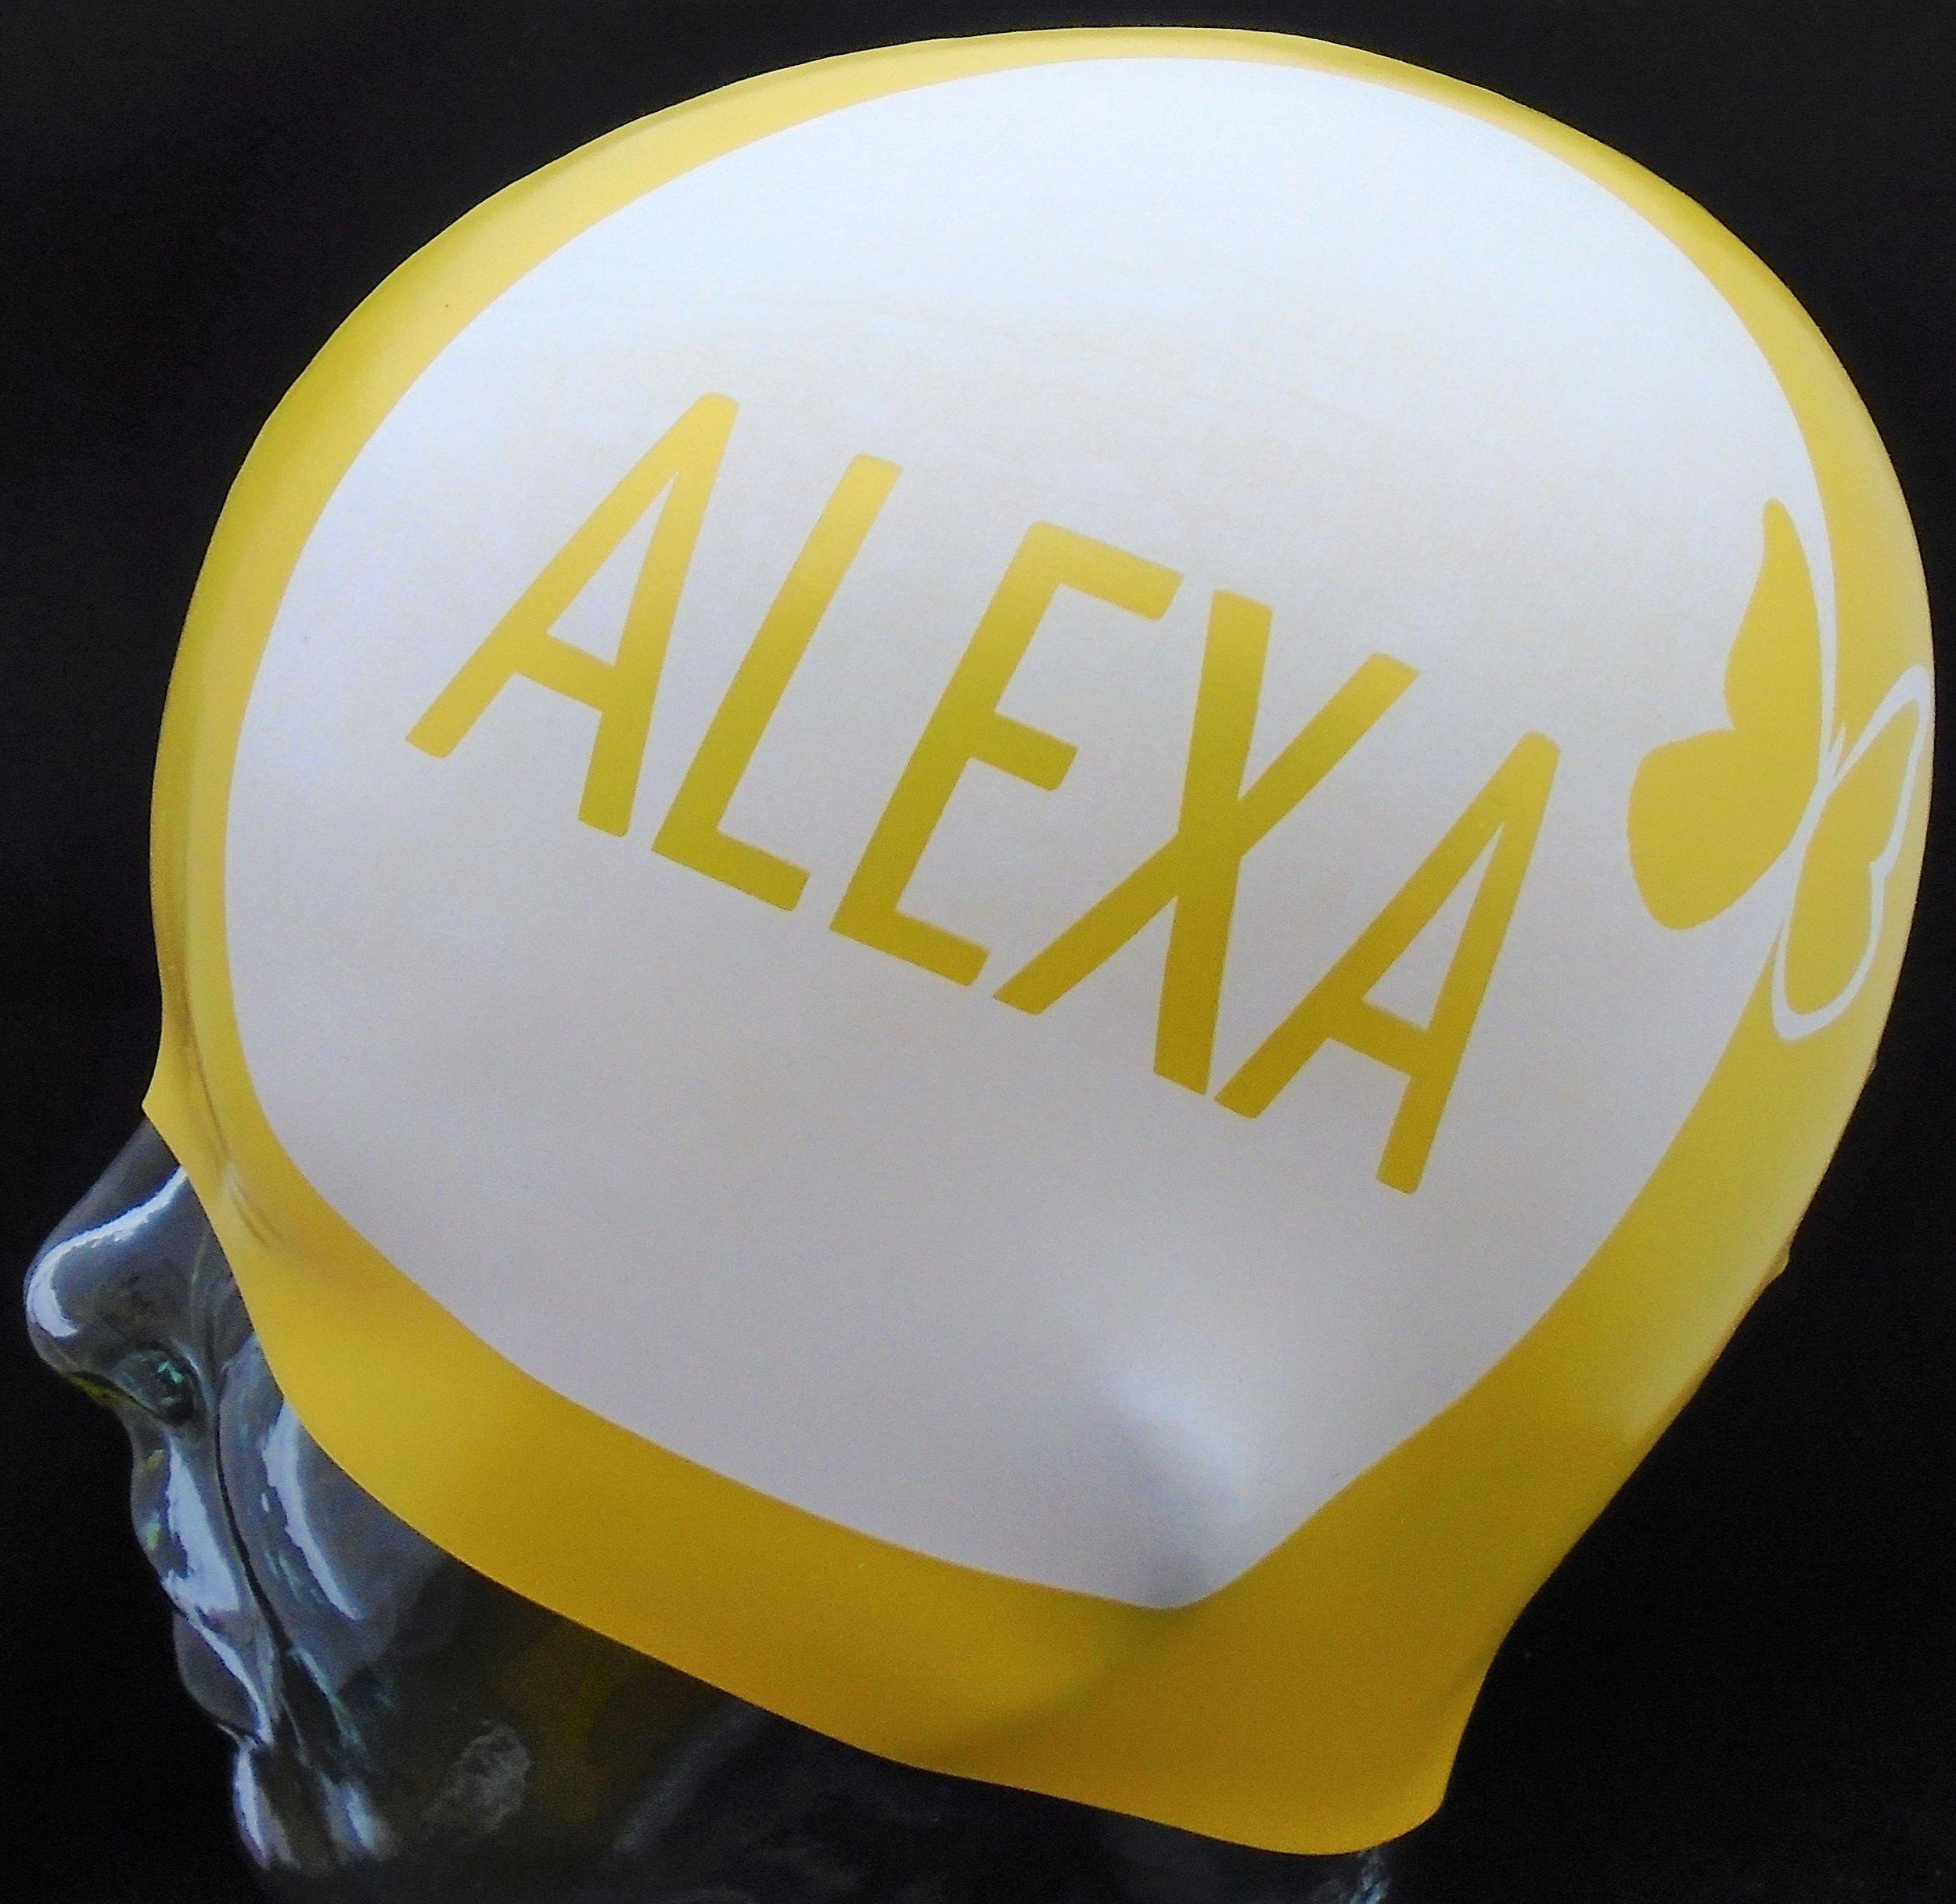 Alexa.jpg